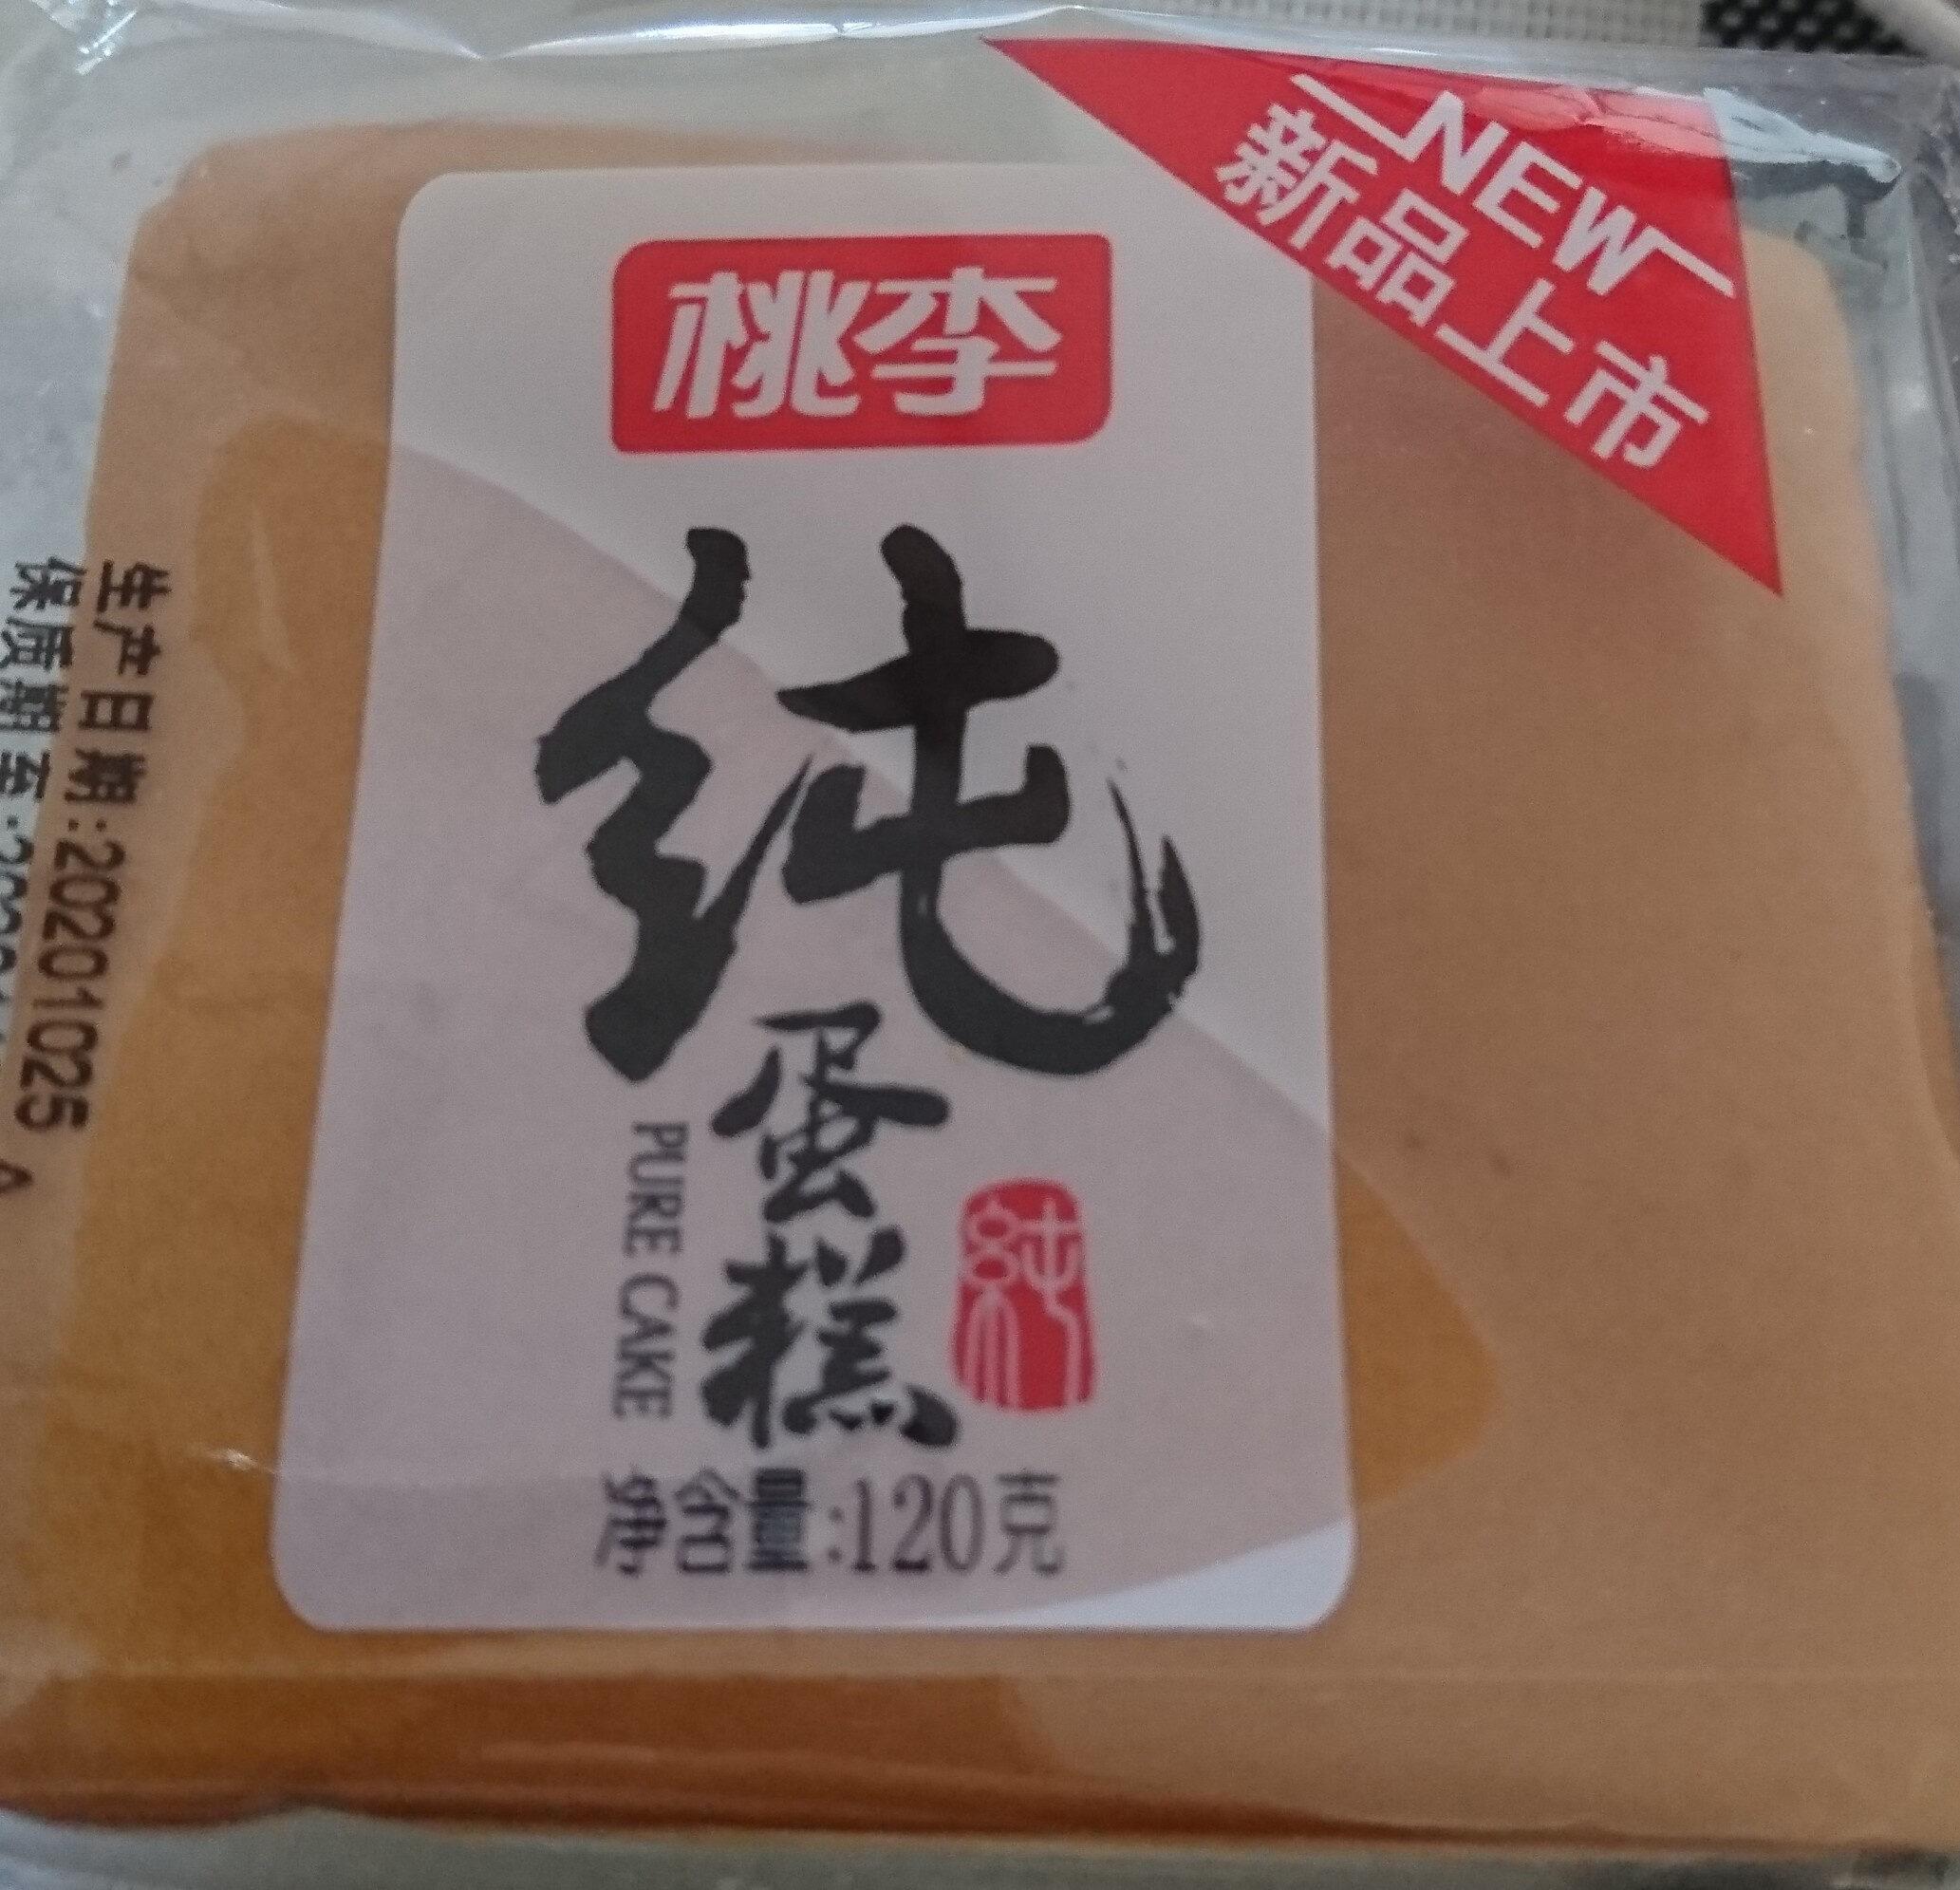 李子面包 - 产品 - zh